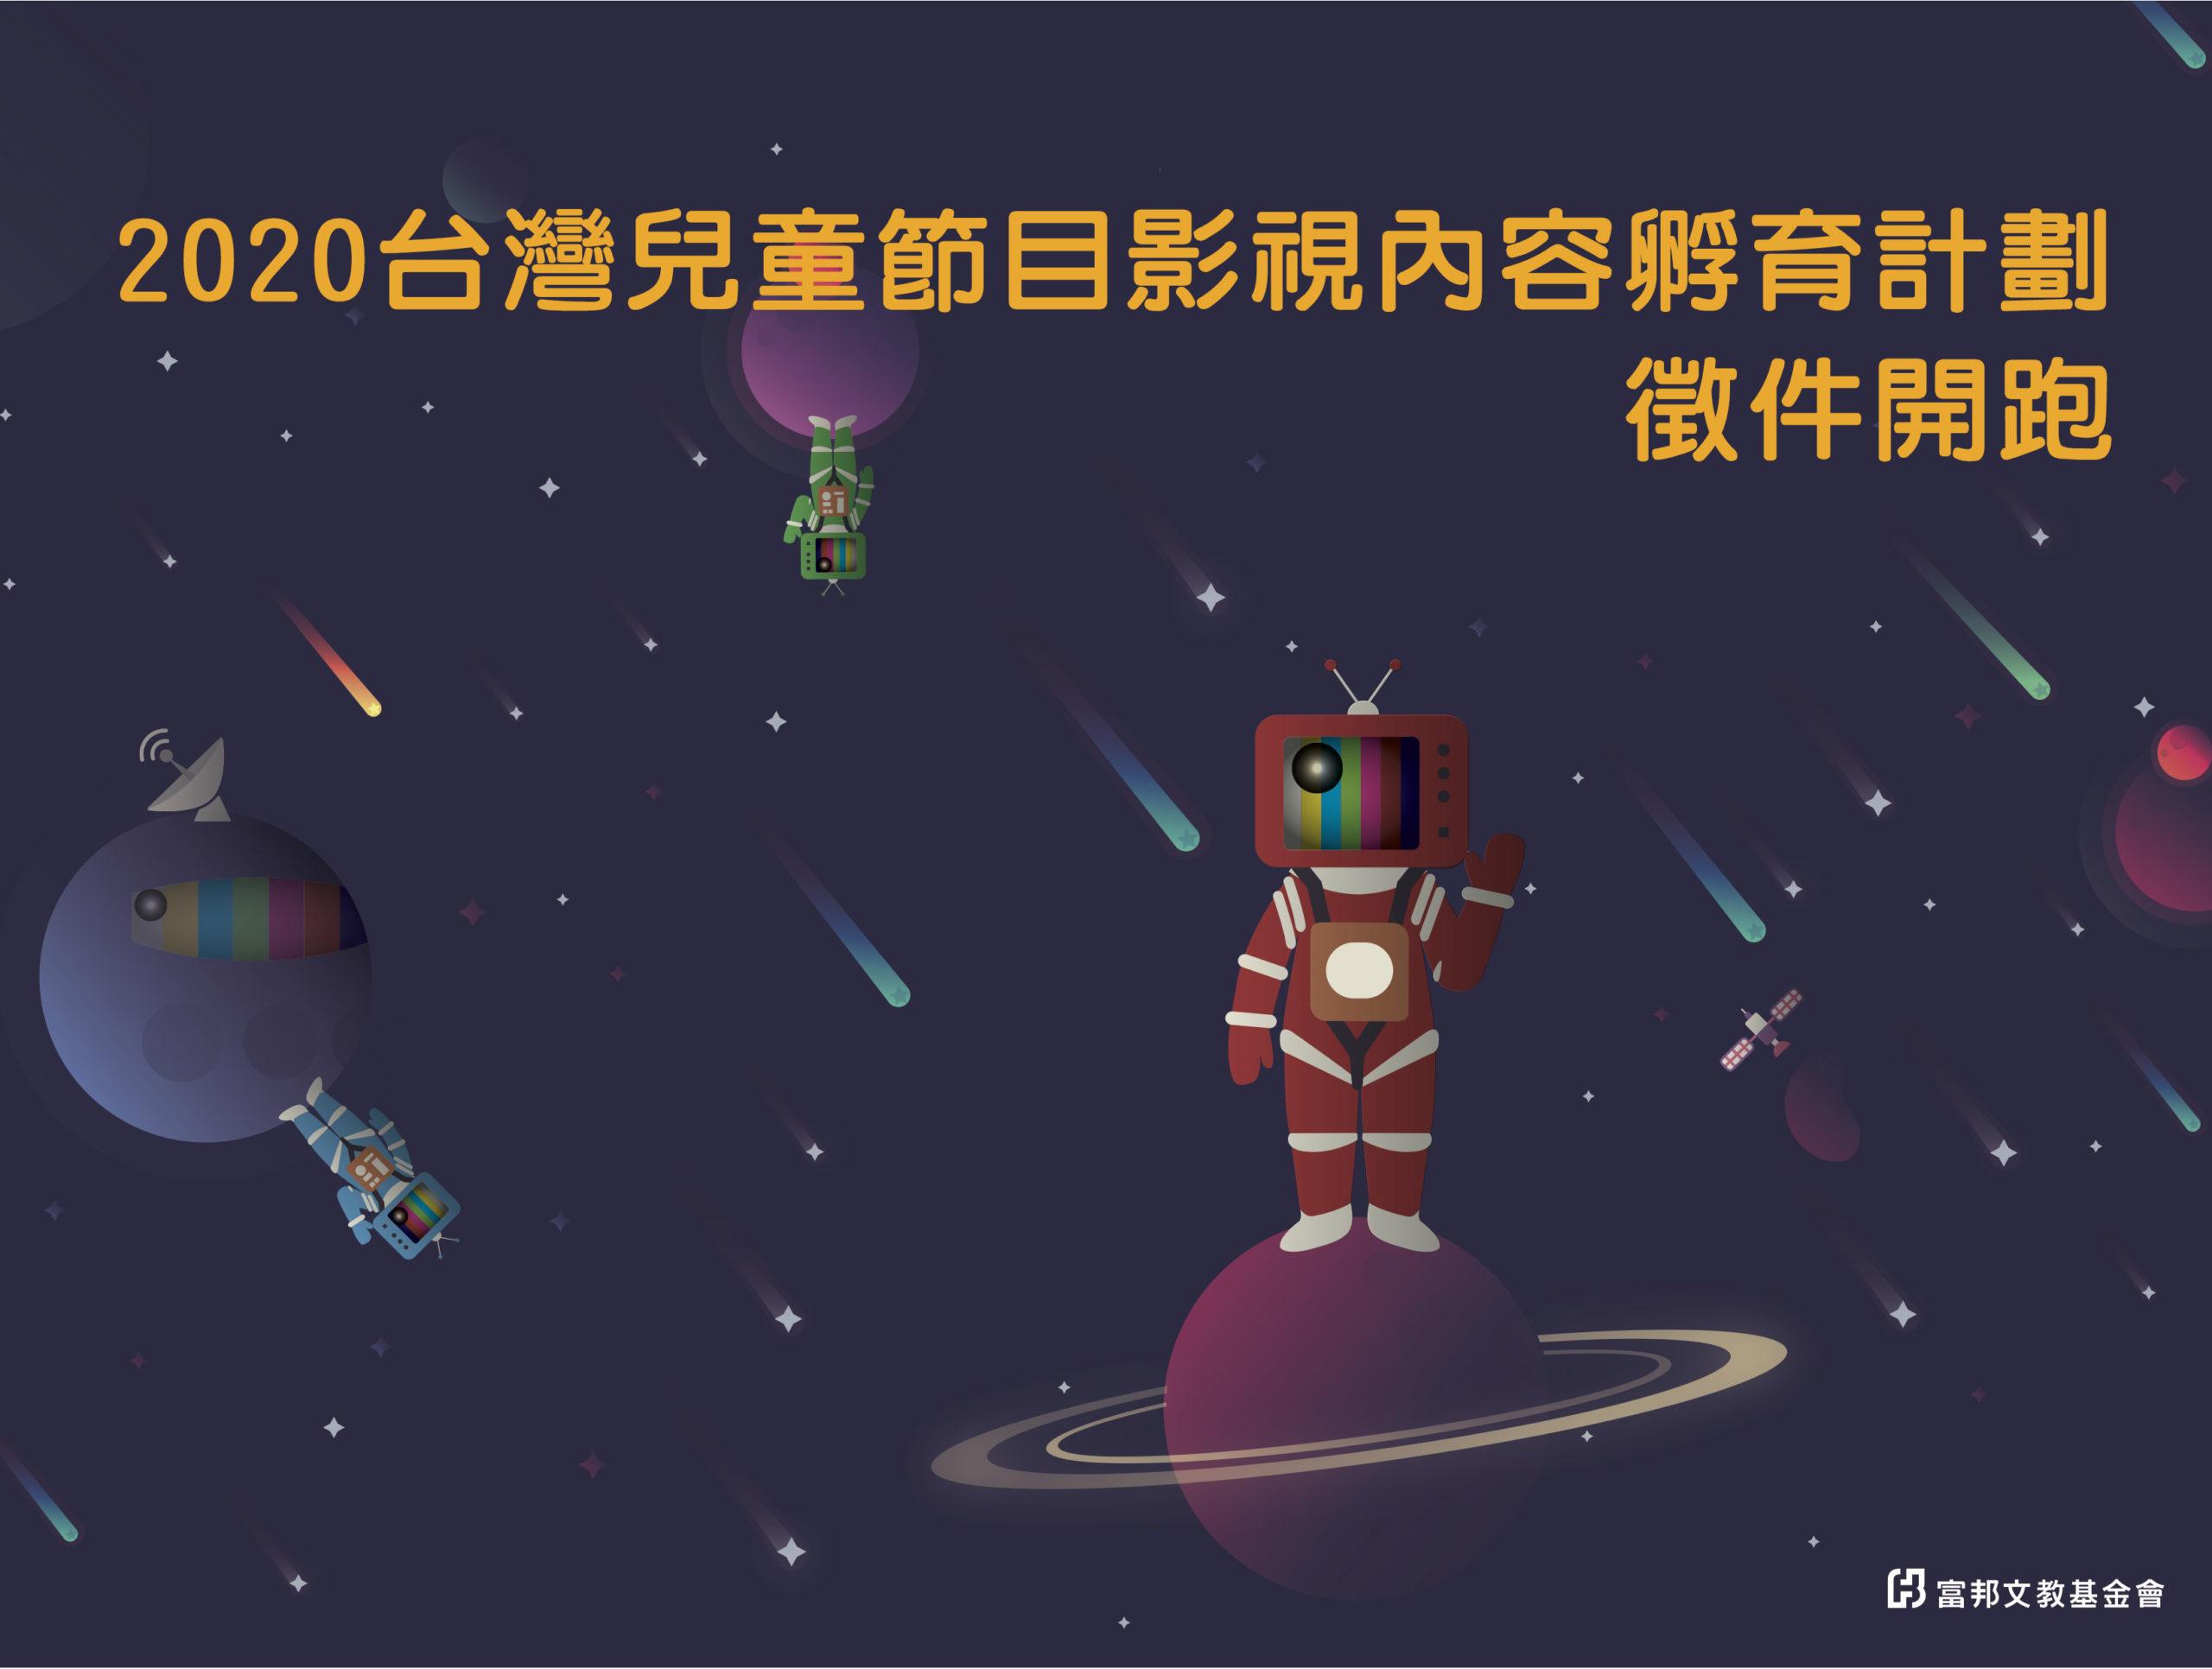 2020台灣兒童節目孵育計劃徵件